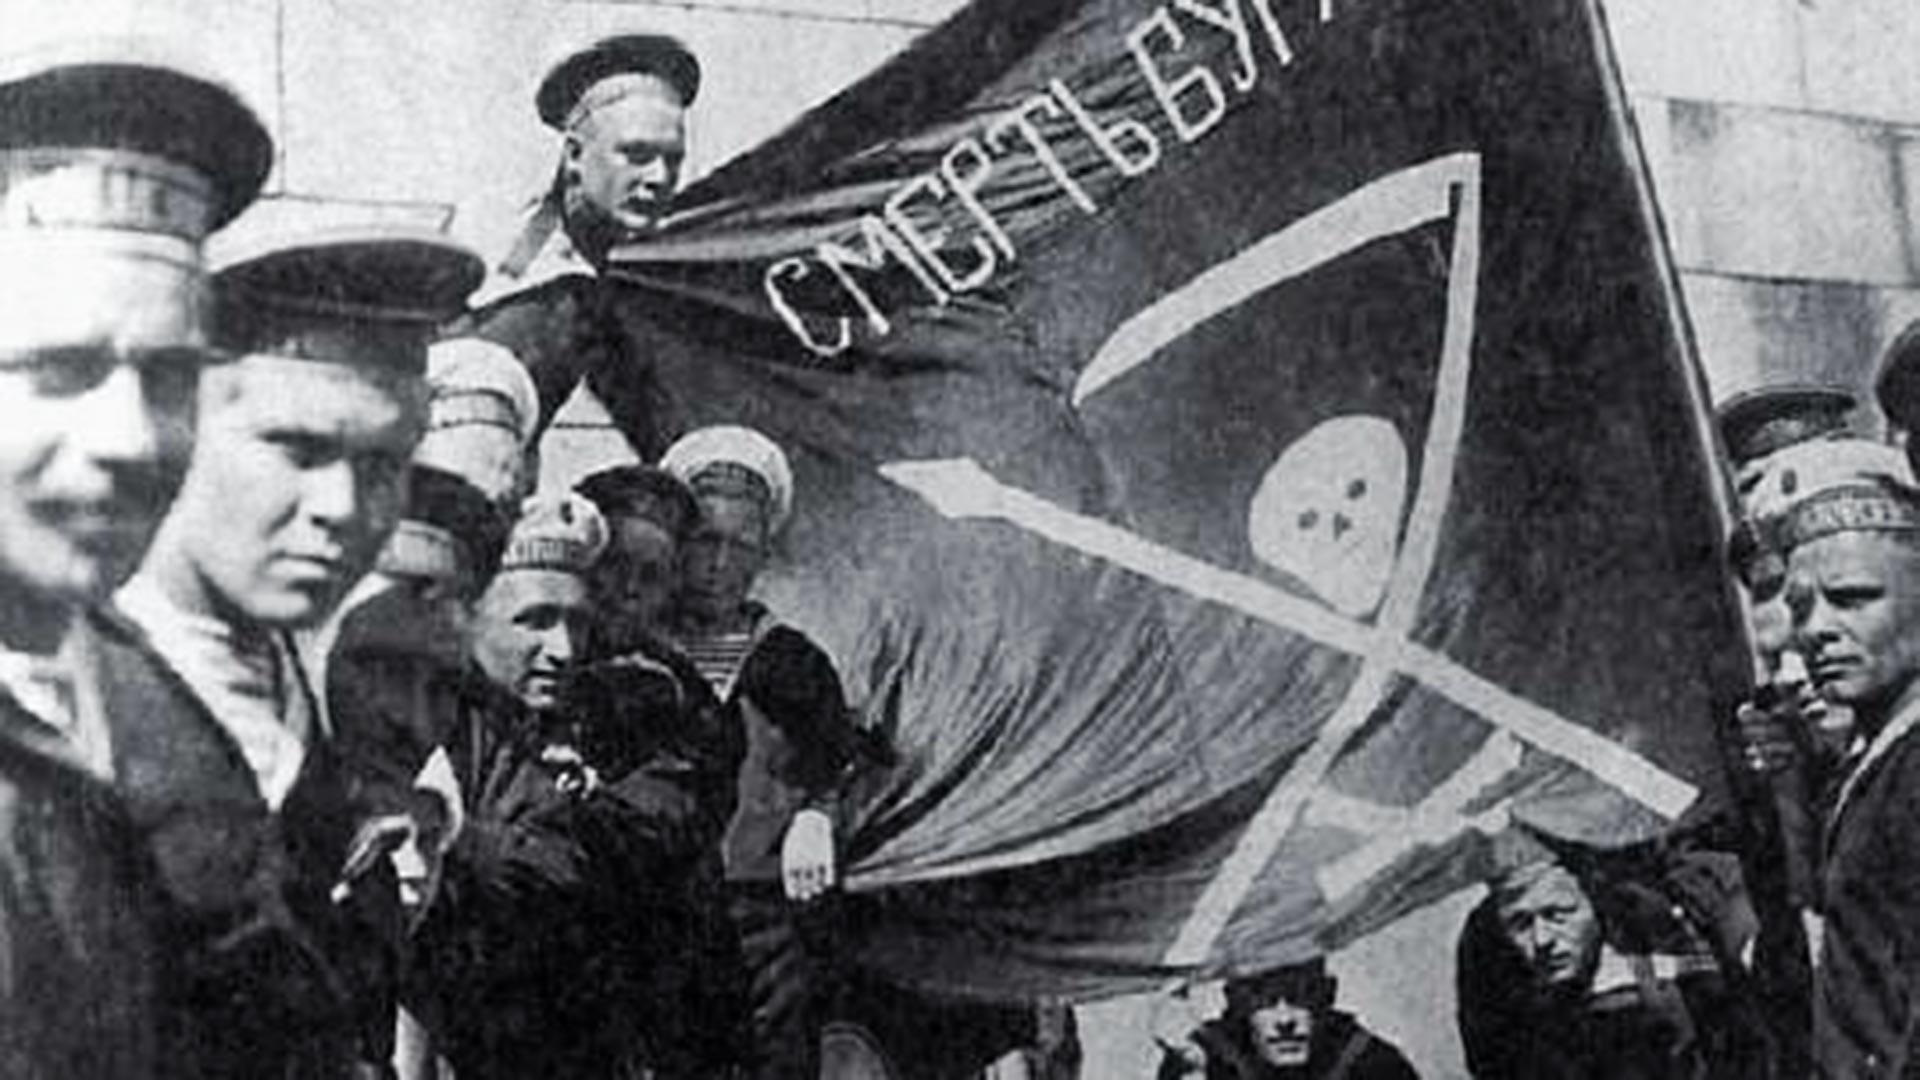 Sailors of the battleship Petropavlovsk in Helsingfors (Helsinki) in 1917.